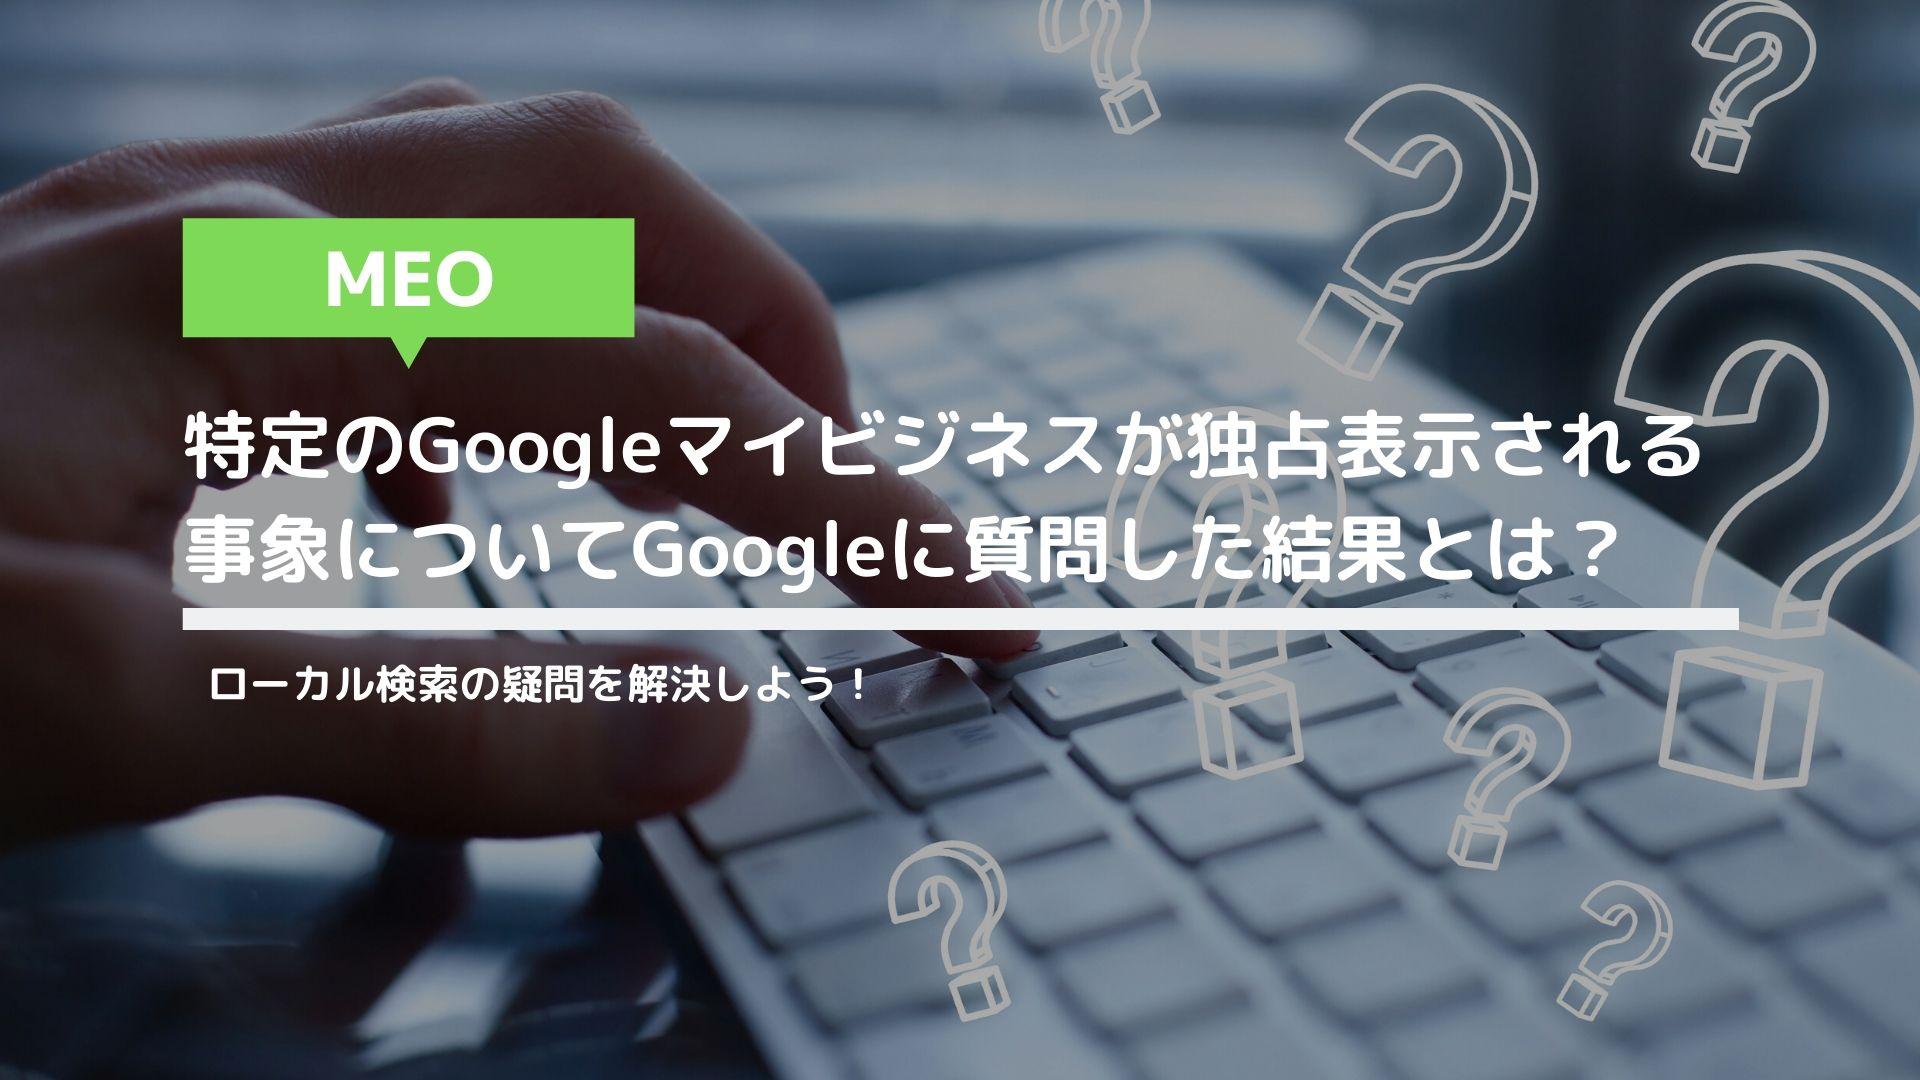 特定のGoogleマイビジネスが独占表示される事象についてGoogleに質問した結果とは?